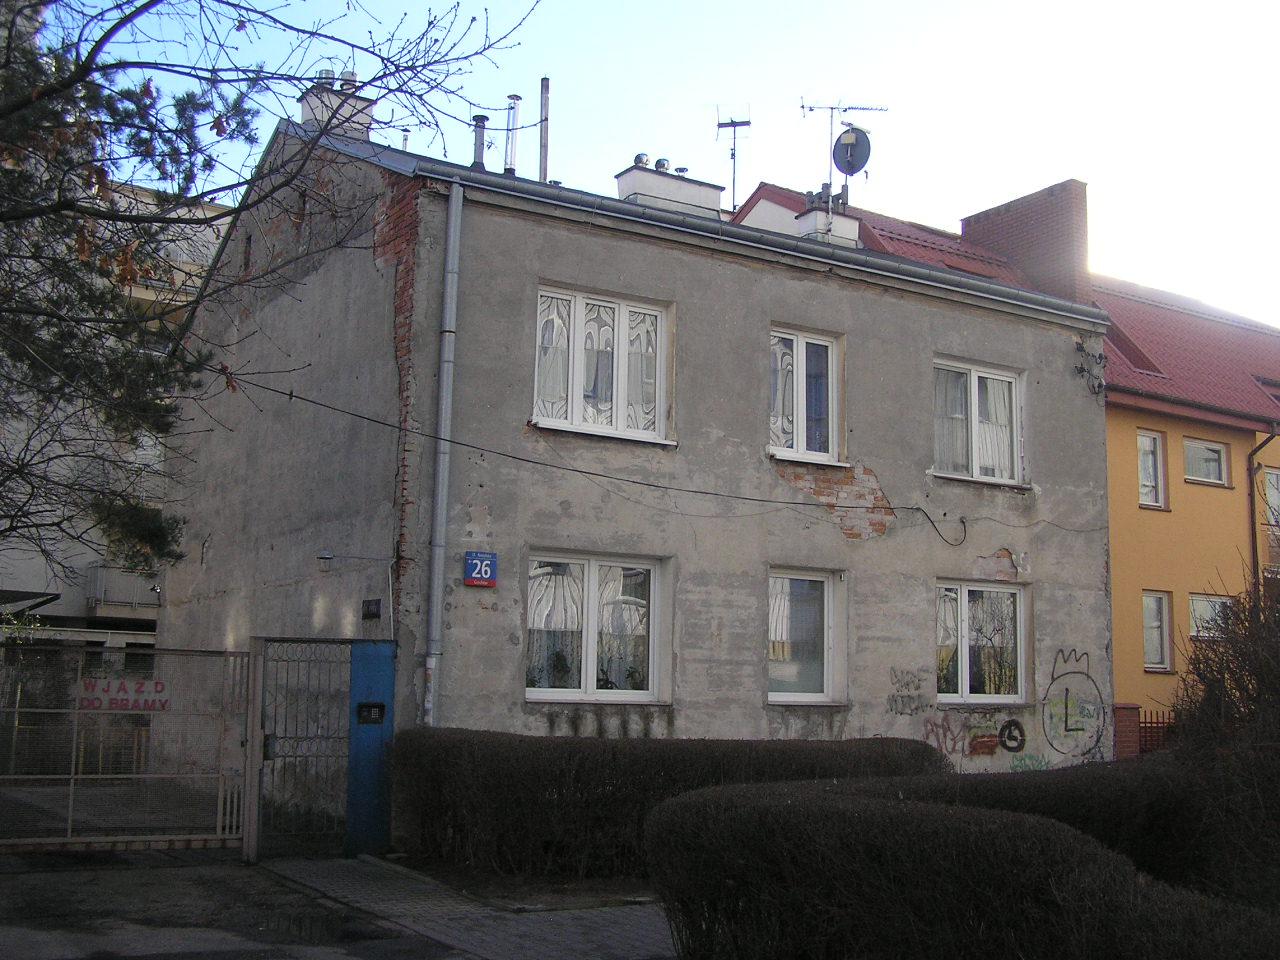 Kamienica przy ulicy Nasielskiej 26 na Grochowie